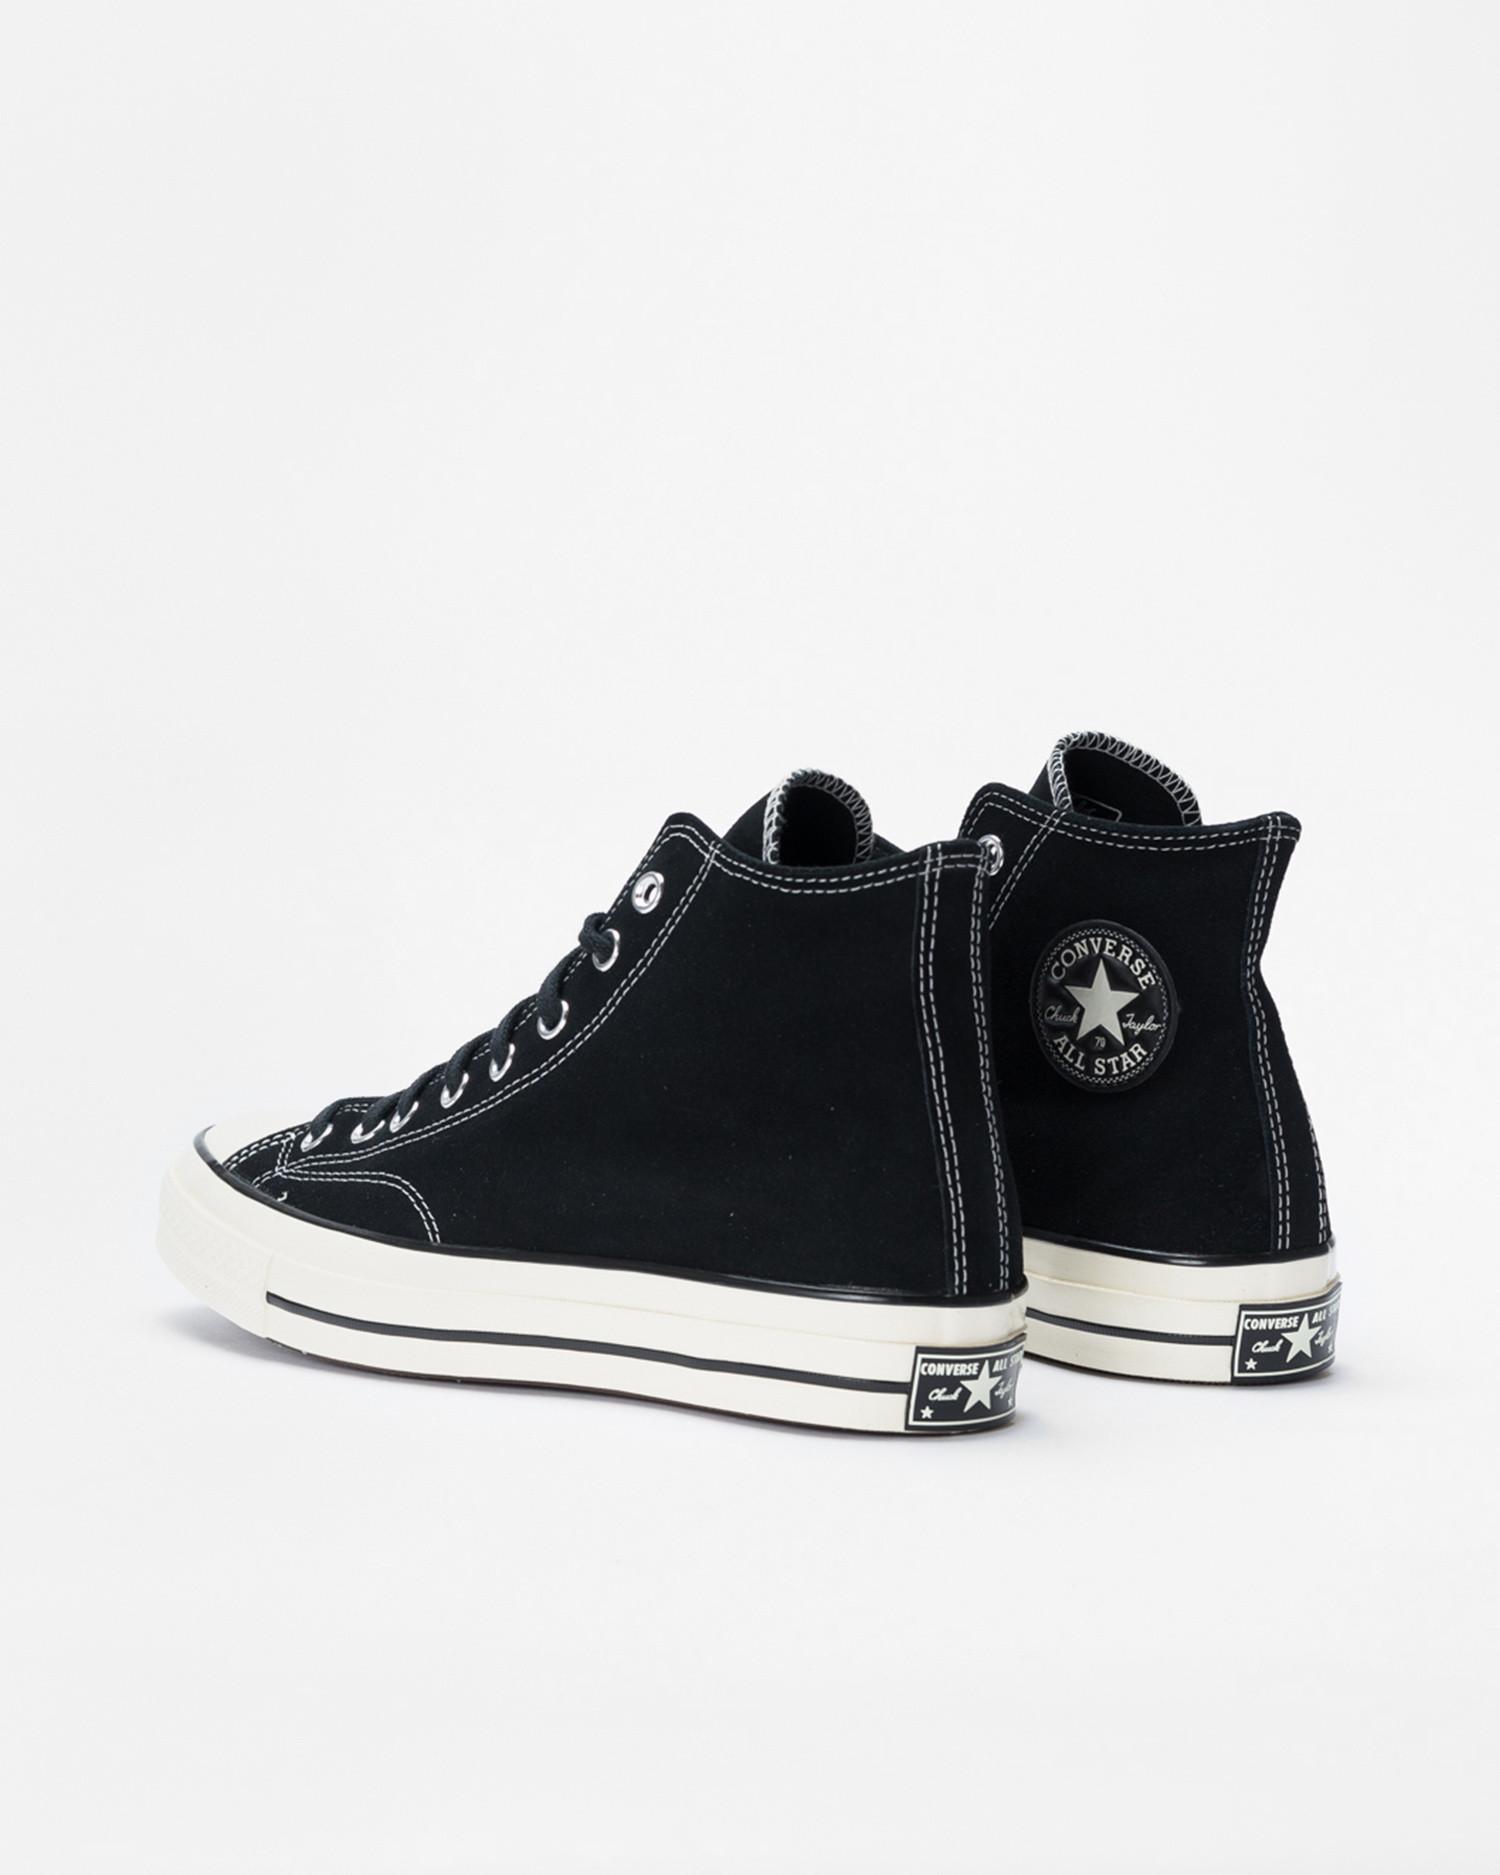 Converse Chuck 70 Hi Suede Black/Black/Egret